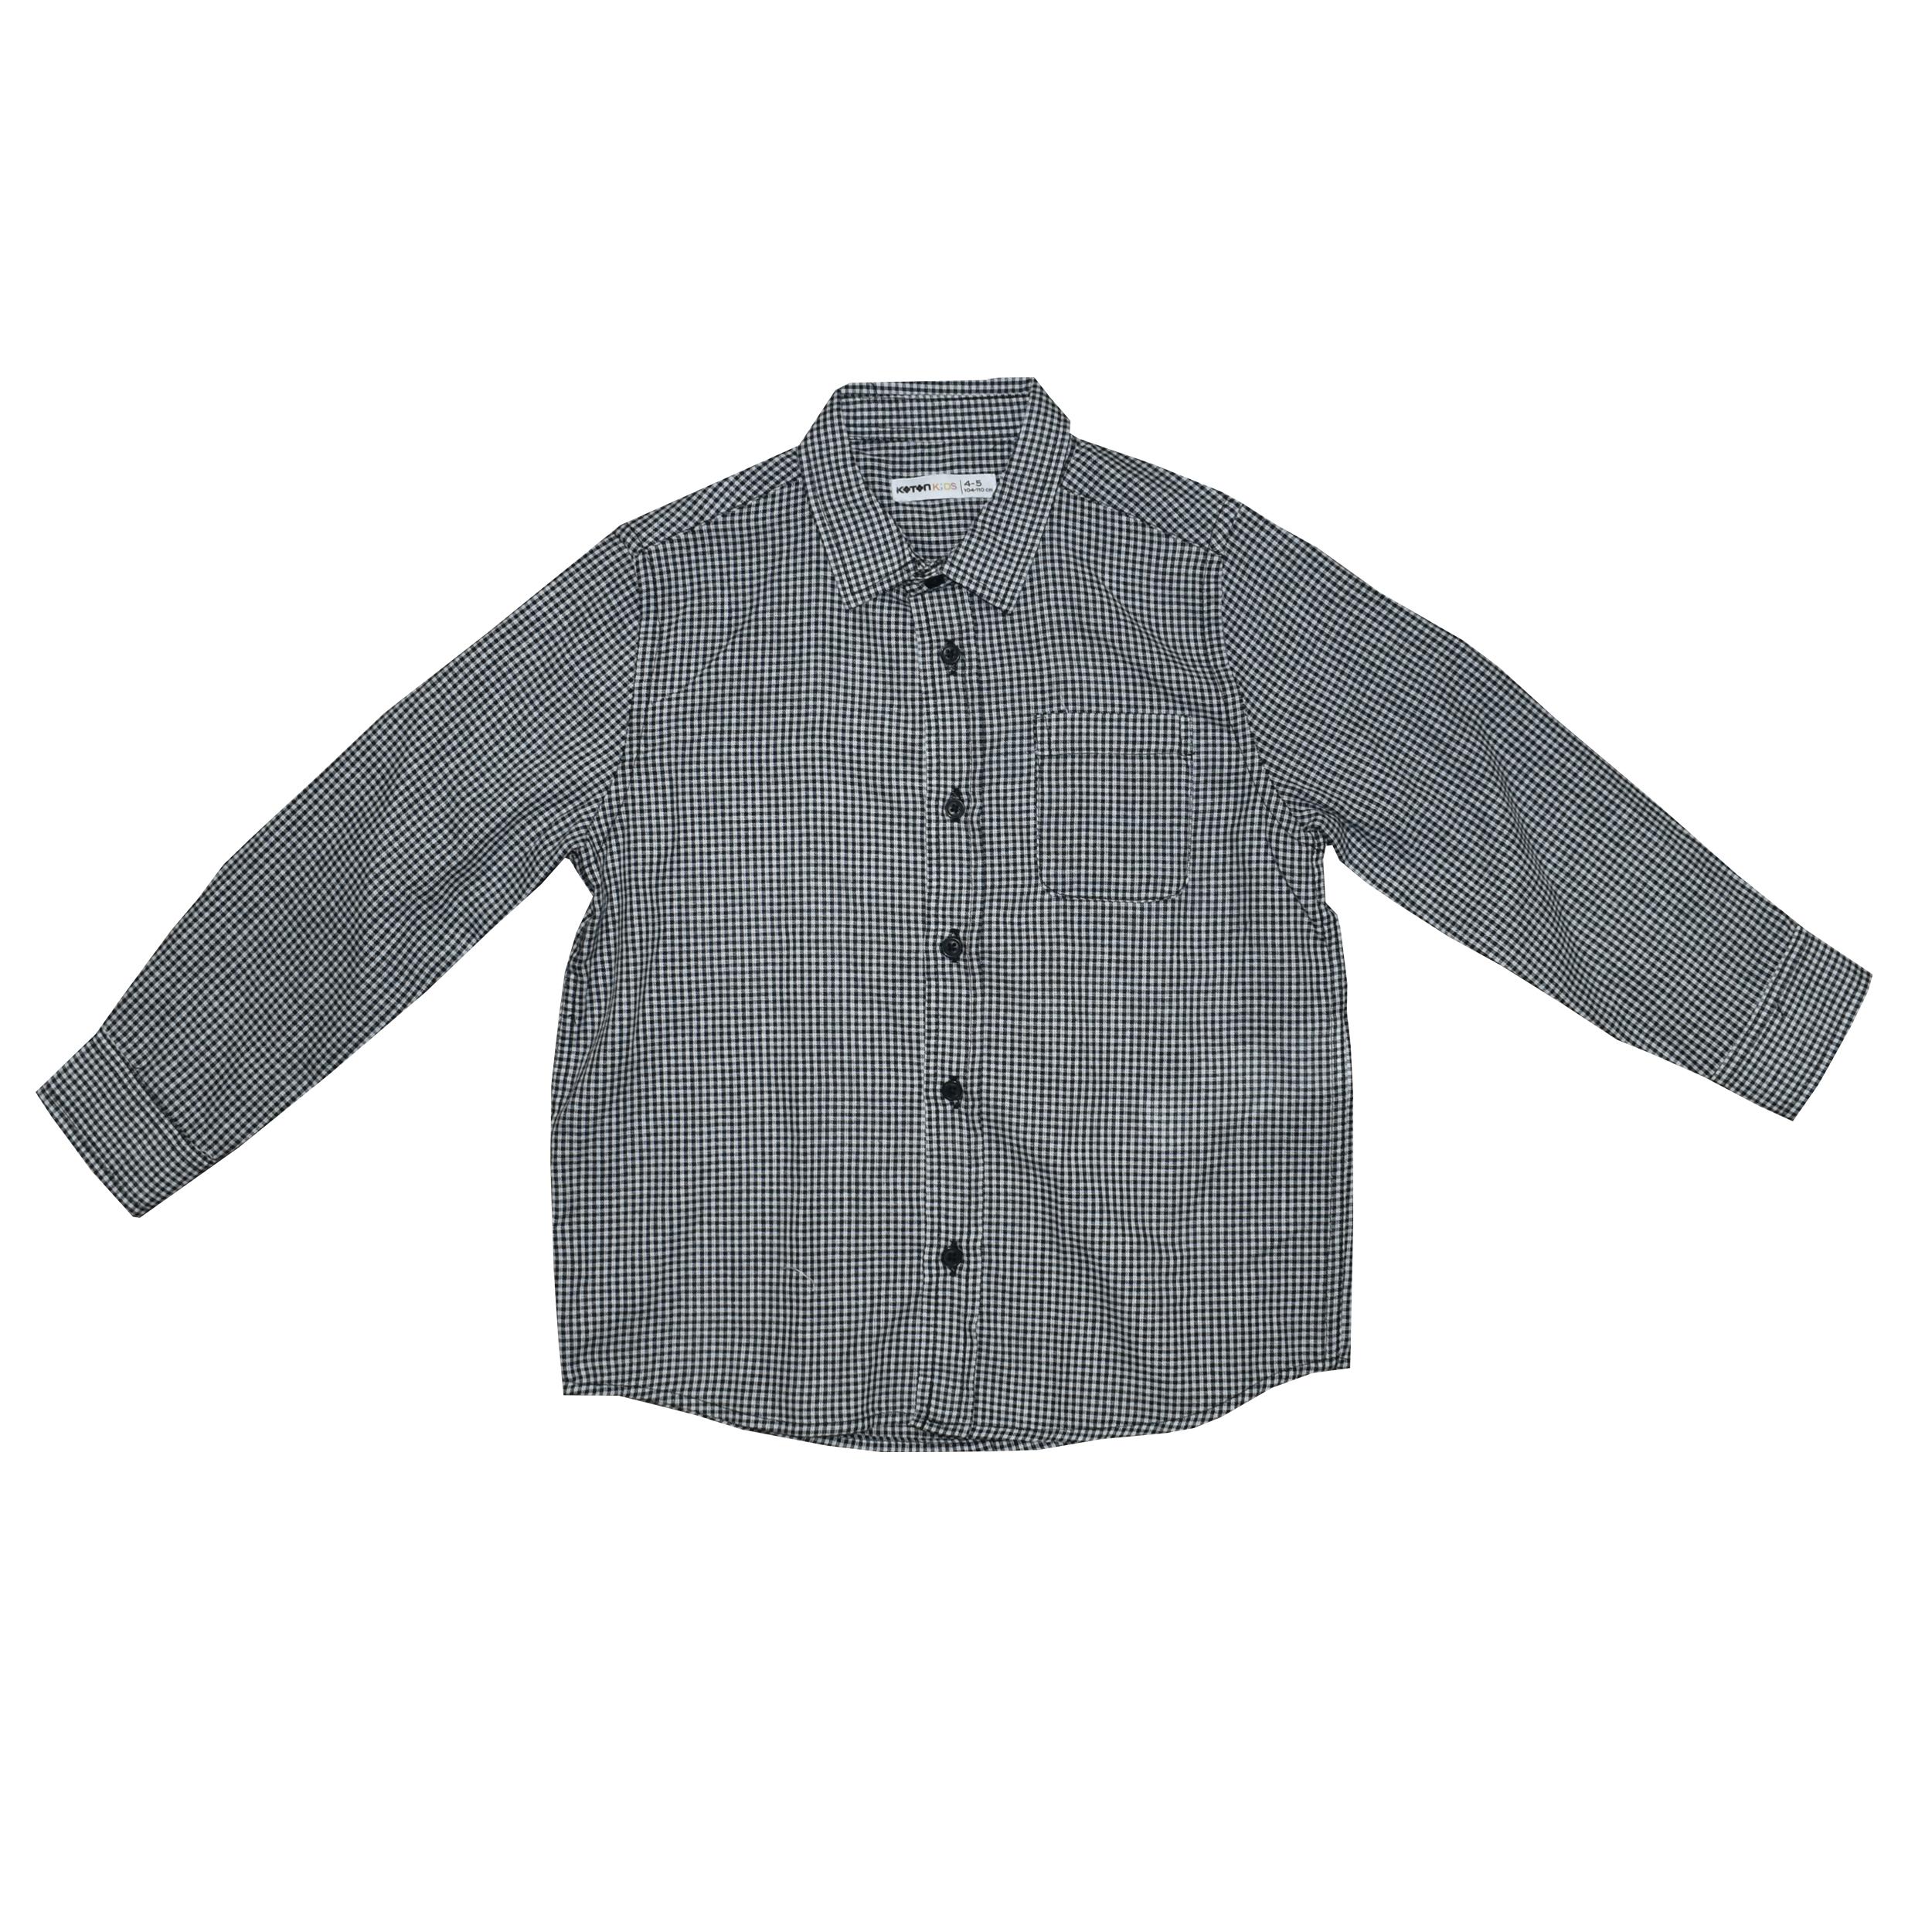 پیراهن نوزادی پسرانه کوتون مدل QWER-8884 thumb 2 1